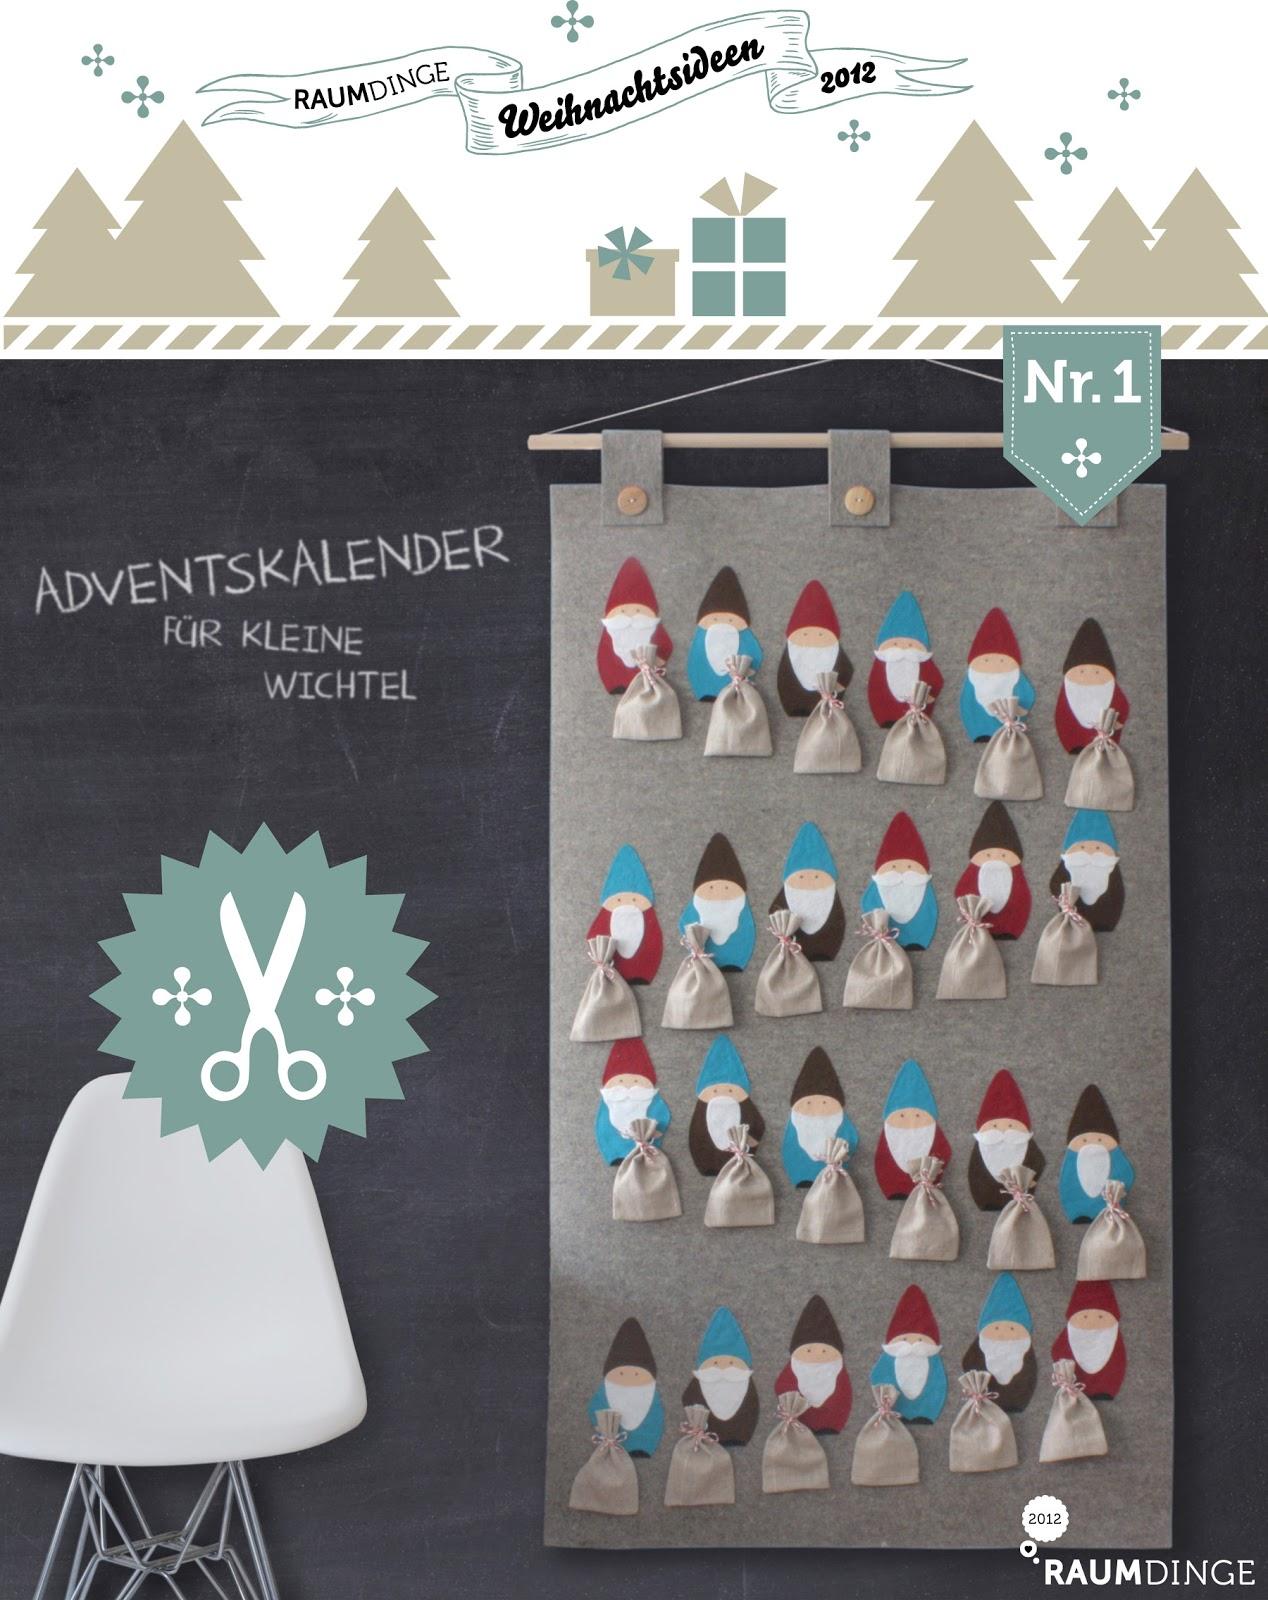 Raumdinge Adventskalender Weihnachtswichtel Mit Anleitung